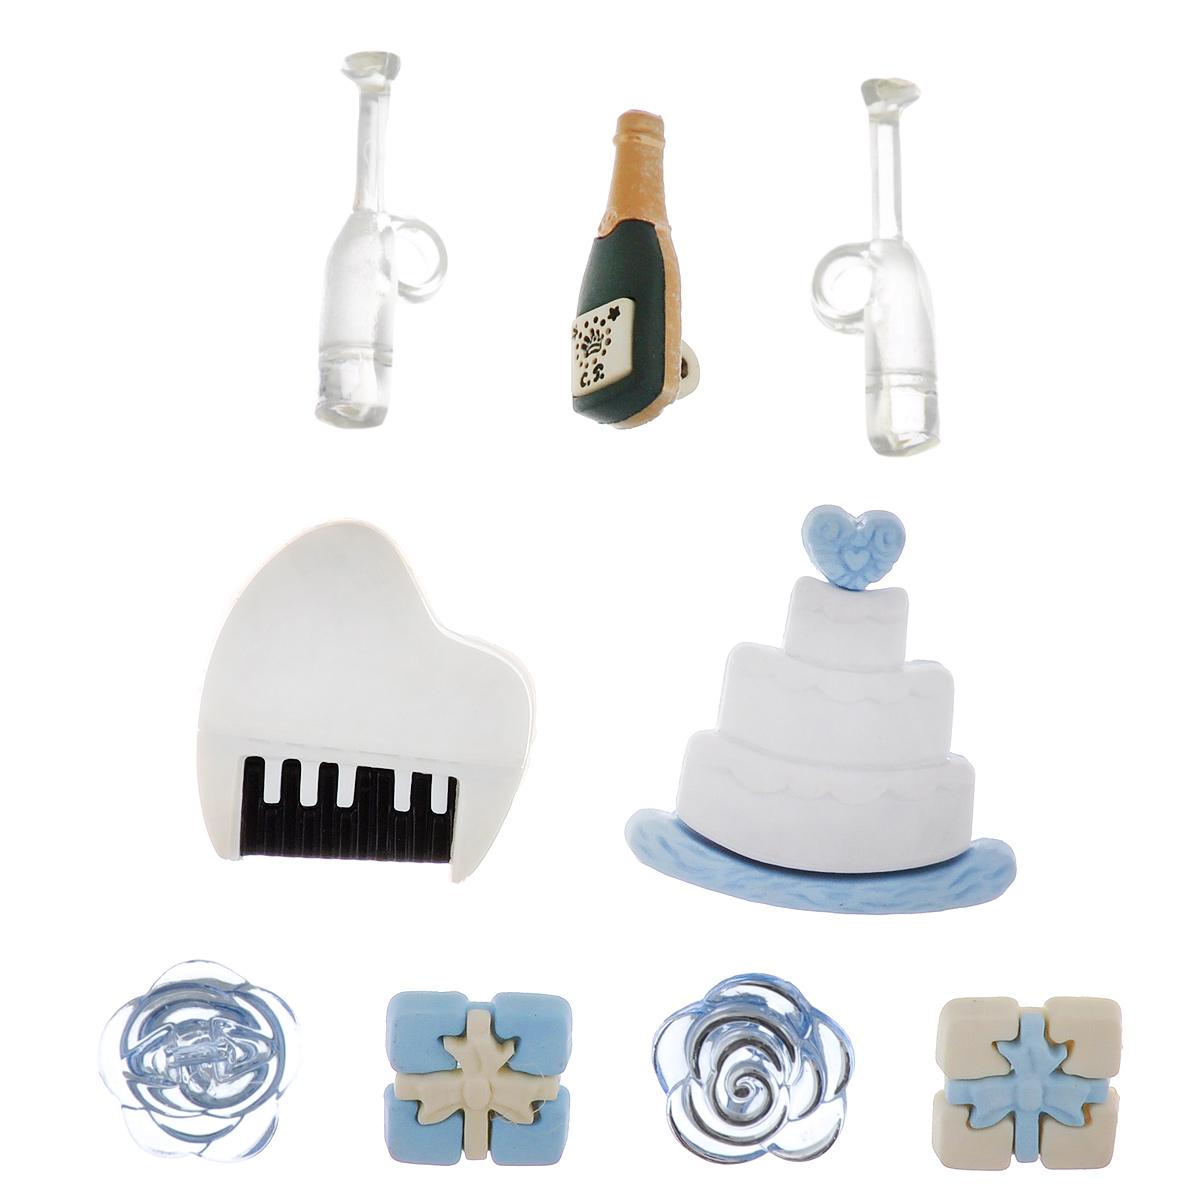 Пуговицы декоративные Buttons Galore & More Wedding, 9 шт7705852Набор Buttons Galore & More Wedding состоит из 9 декоративных пуговиц на ножке, выполненных из пластика в форме тортика, бутылки, цветов, бокалов. Предметы набора подходят для любых видов творчества: скрапбукинга, декорирования, шитья, изготовления кукол, а также для оформления одежды. С их помощью вы сможете украсить открытку, фотографию, альбом, подарок и другие предметы ручной работы. Изделия имеют оригинальный и яркий дизайн. Средний размер пуговицы: 0,6 см х 2,8 см х 0,9 см.